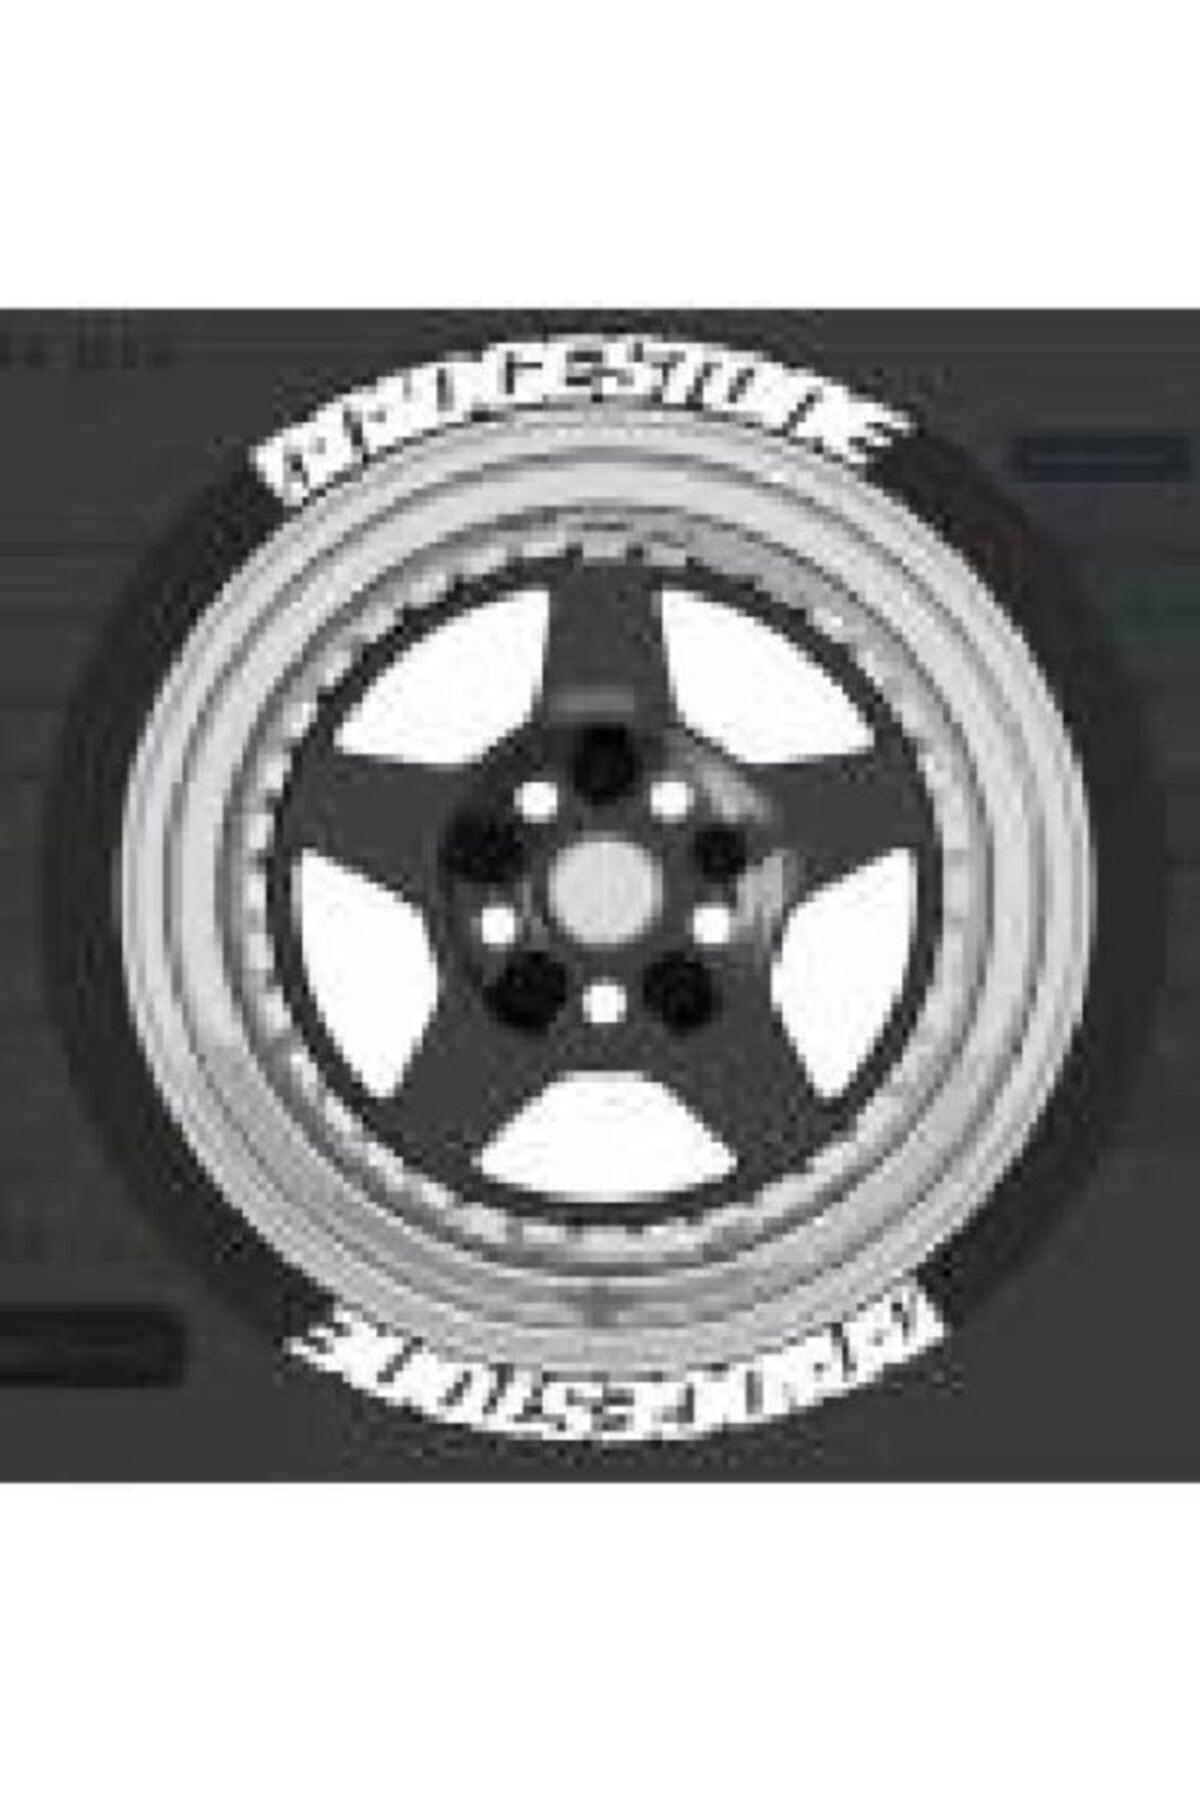 Bridgestone Lastik Yazısı 4x Brıdgestone Orijinal 1.sınıf Kalite Solmaz Araç Motorsiklet Yazı Stiker Seti 2